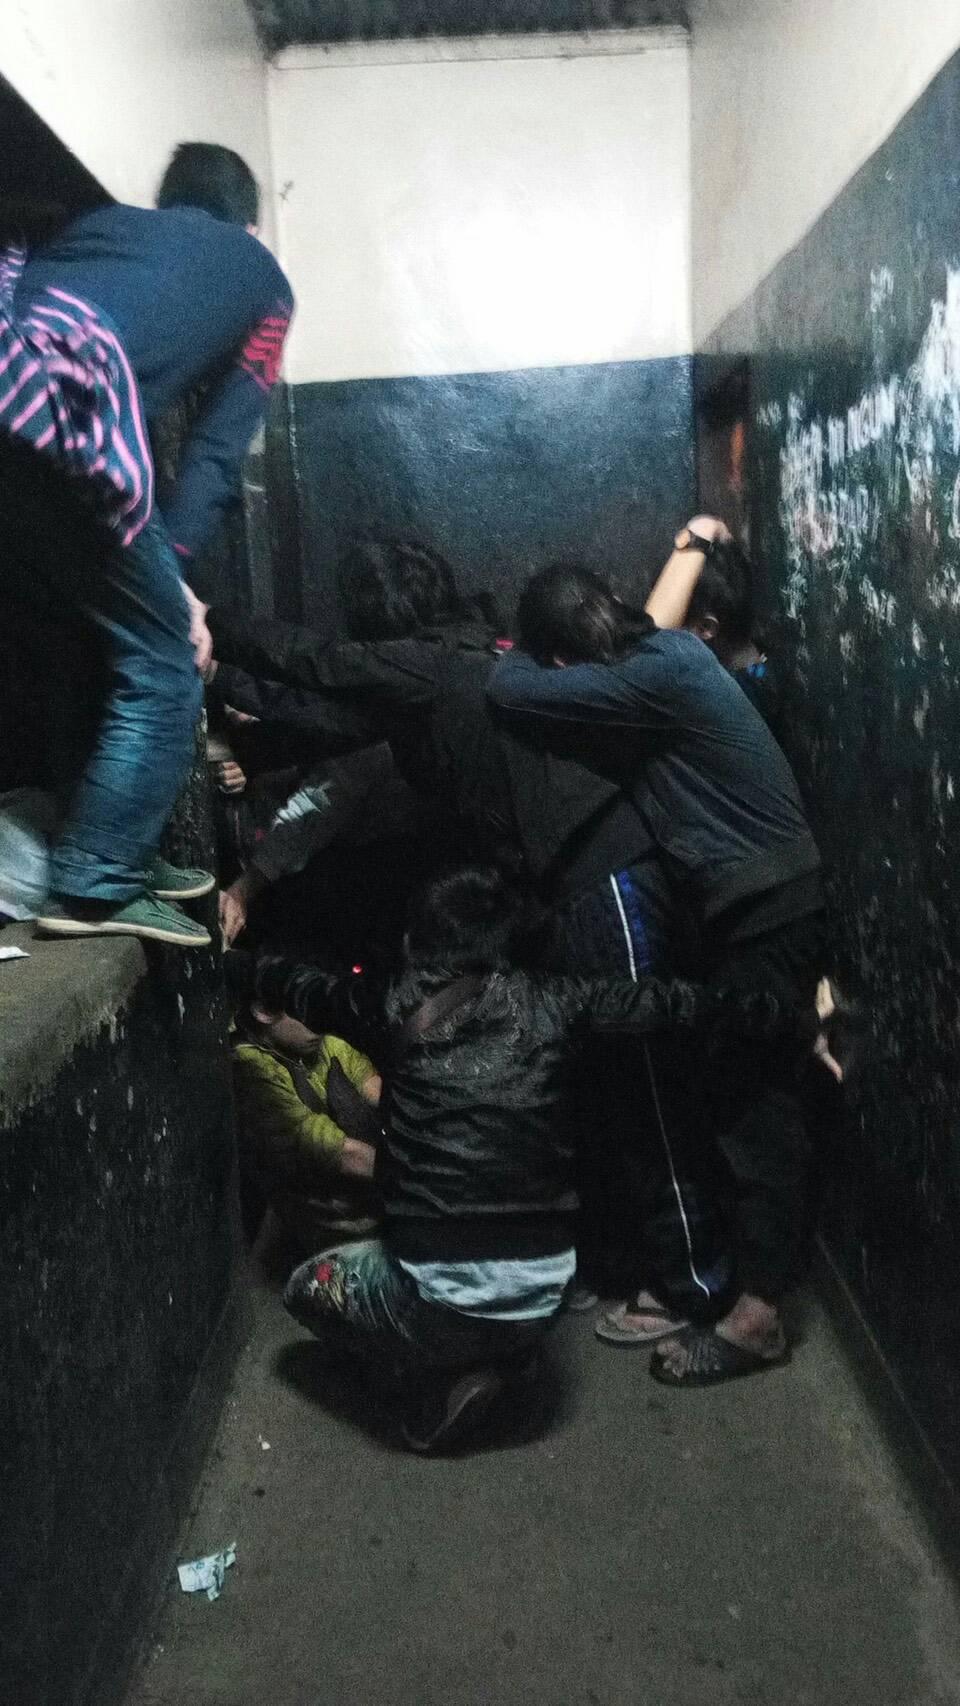 肯亞警察局試圖強制把台人帶去機場,被押台人強力抵抗,肯亞警方試圖用大錘棍子攻擊,台人透過越洋電話急喊「快撐不下去了」。(家屬提供)